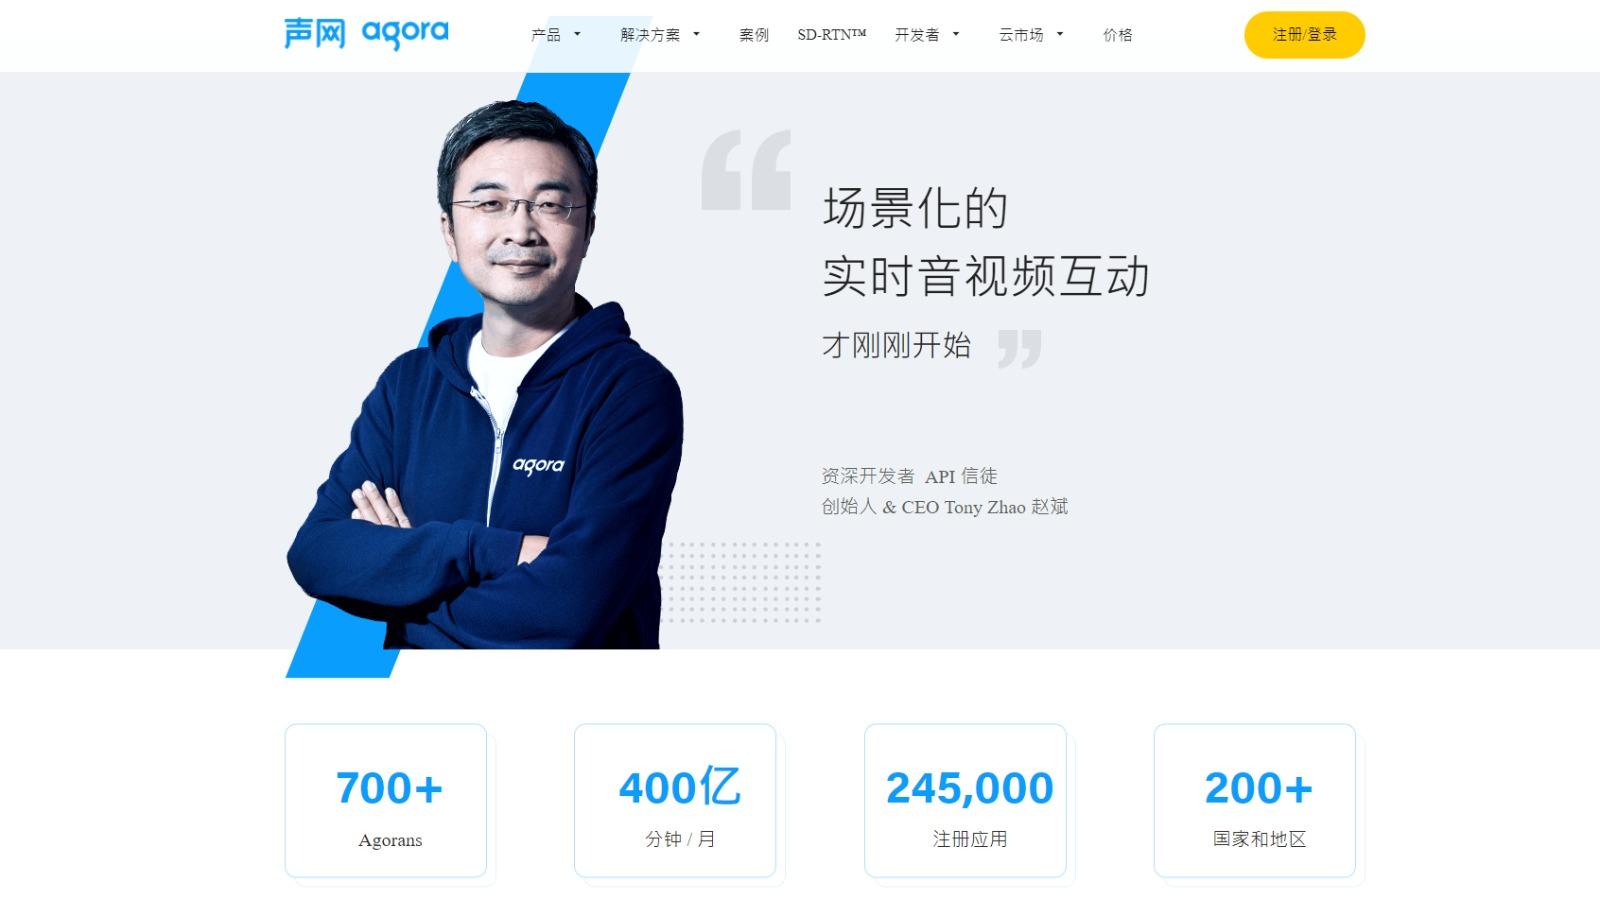 「Agora声网」由中国人赵斌于2014年创立。(「Agora声网」官网截图)